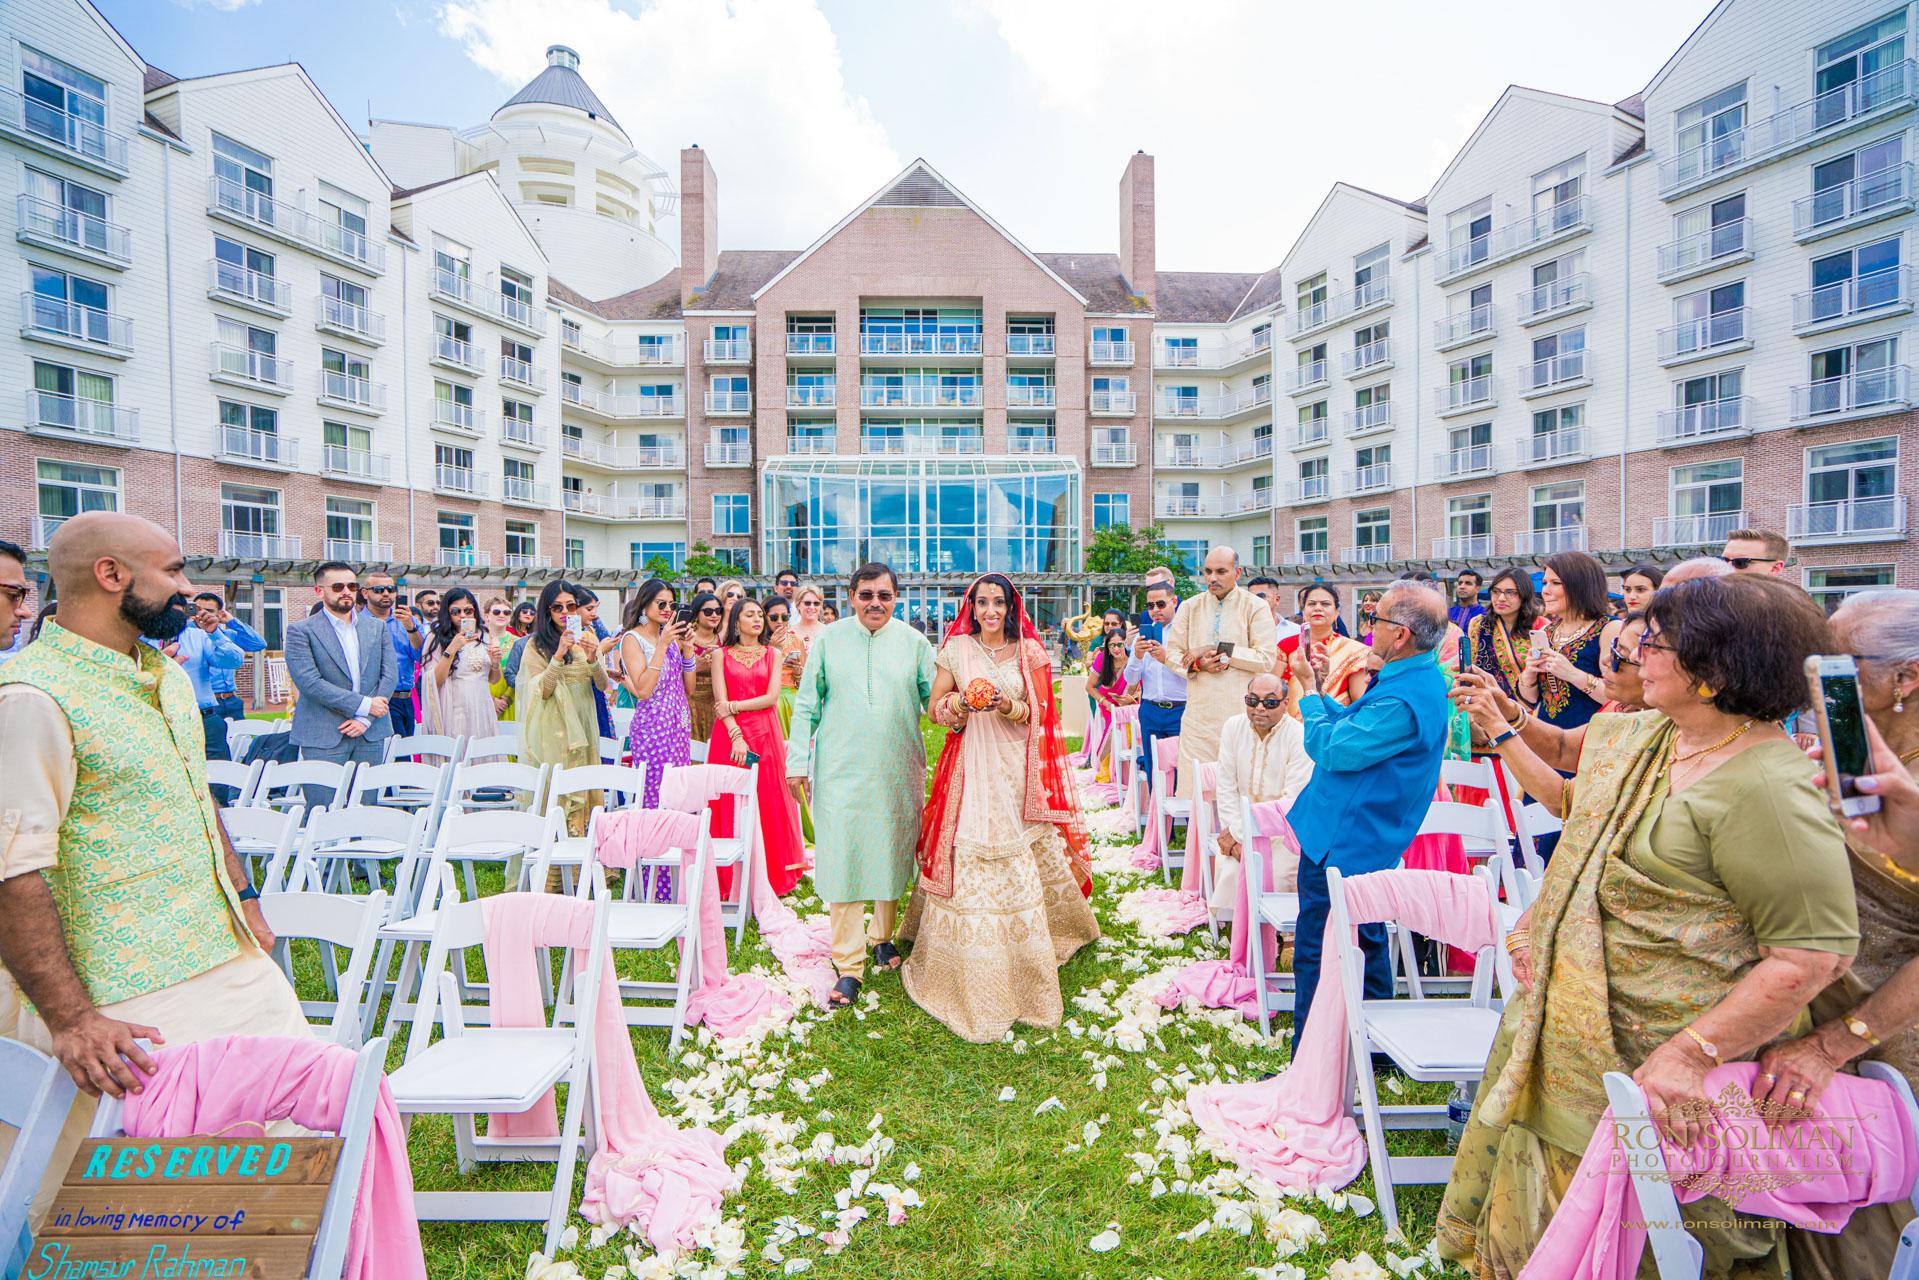 Hyatt Regency Chesapeake Bay Wedding 21